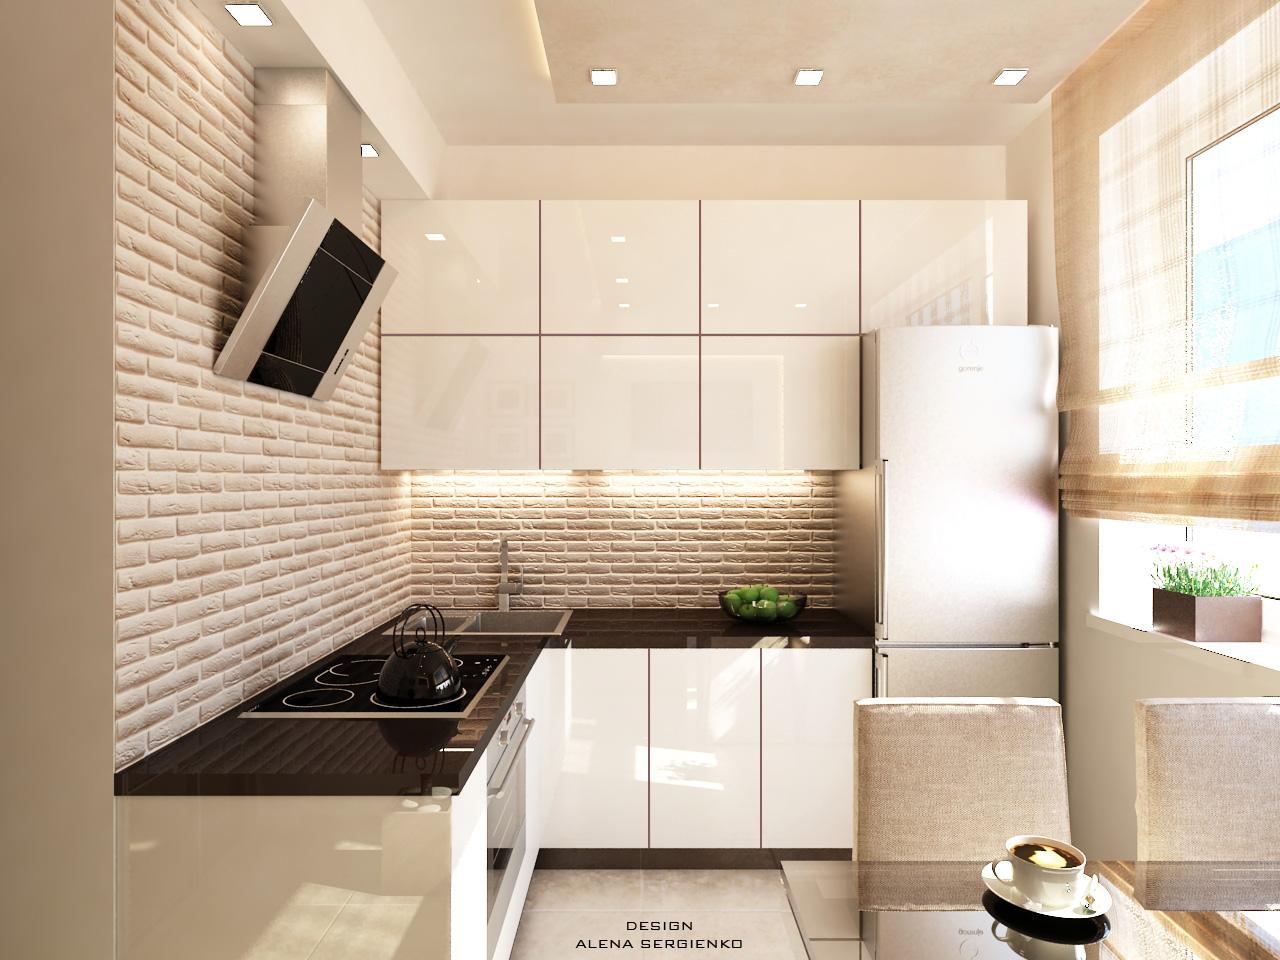 Светлая кухня - результат работы дизайнера